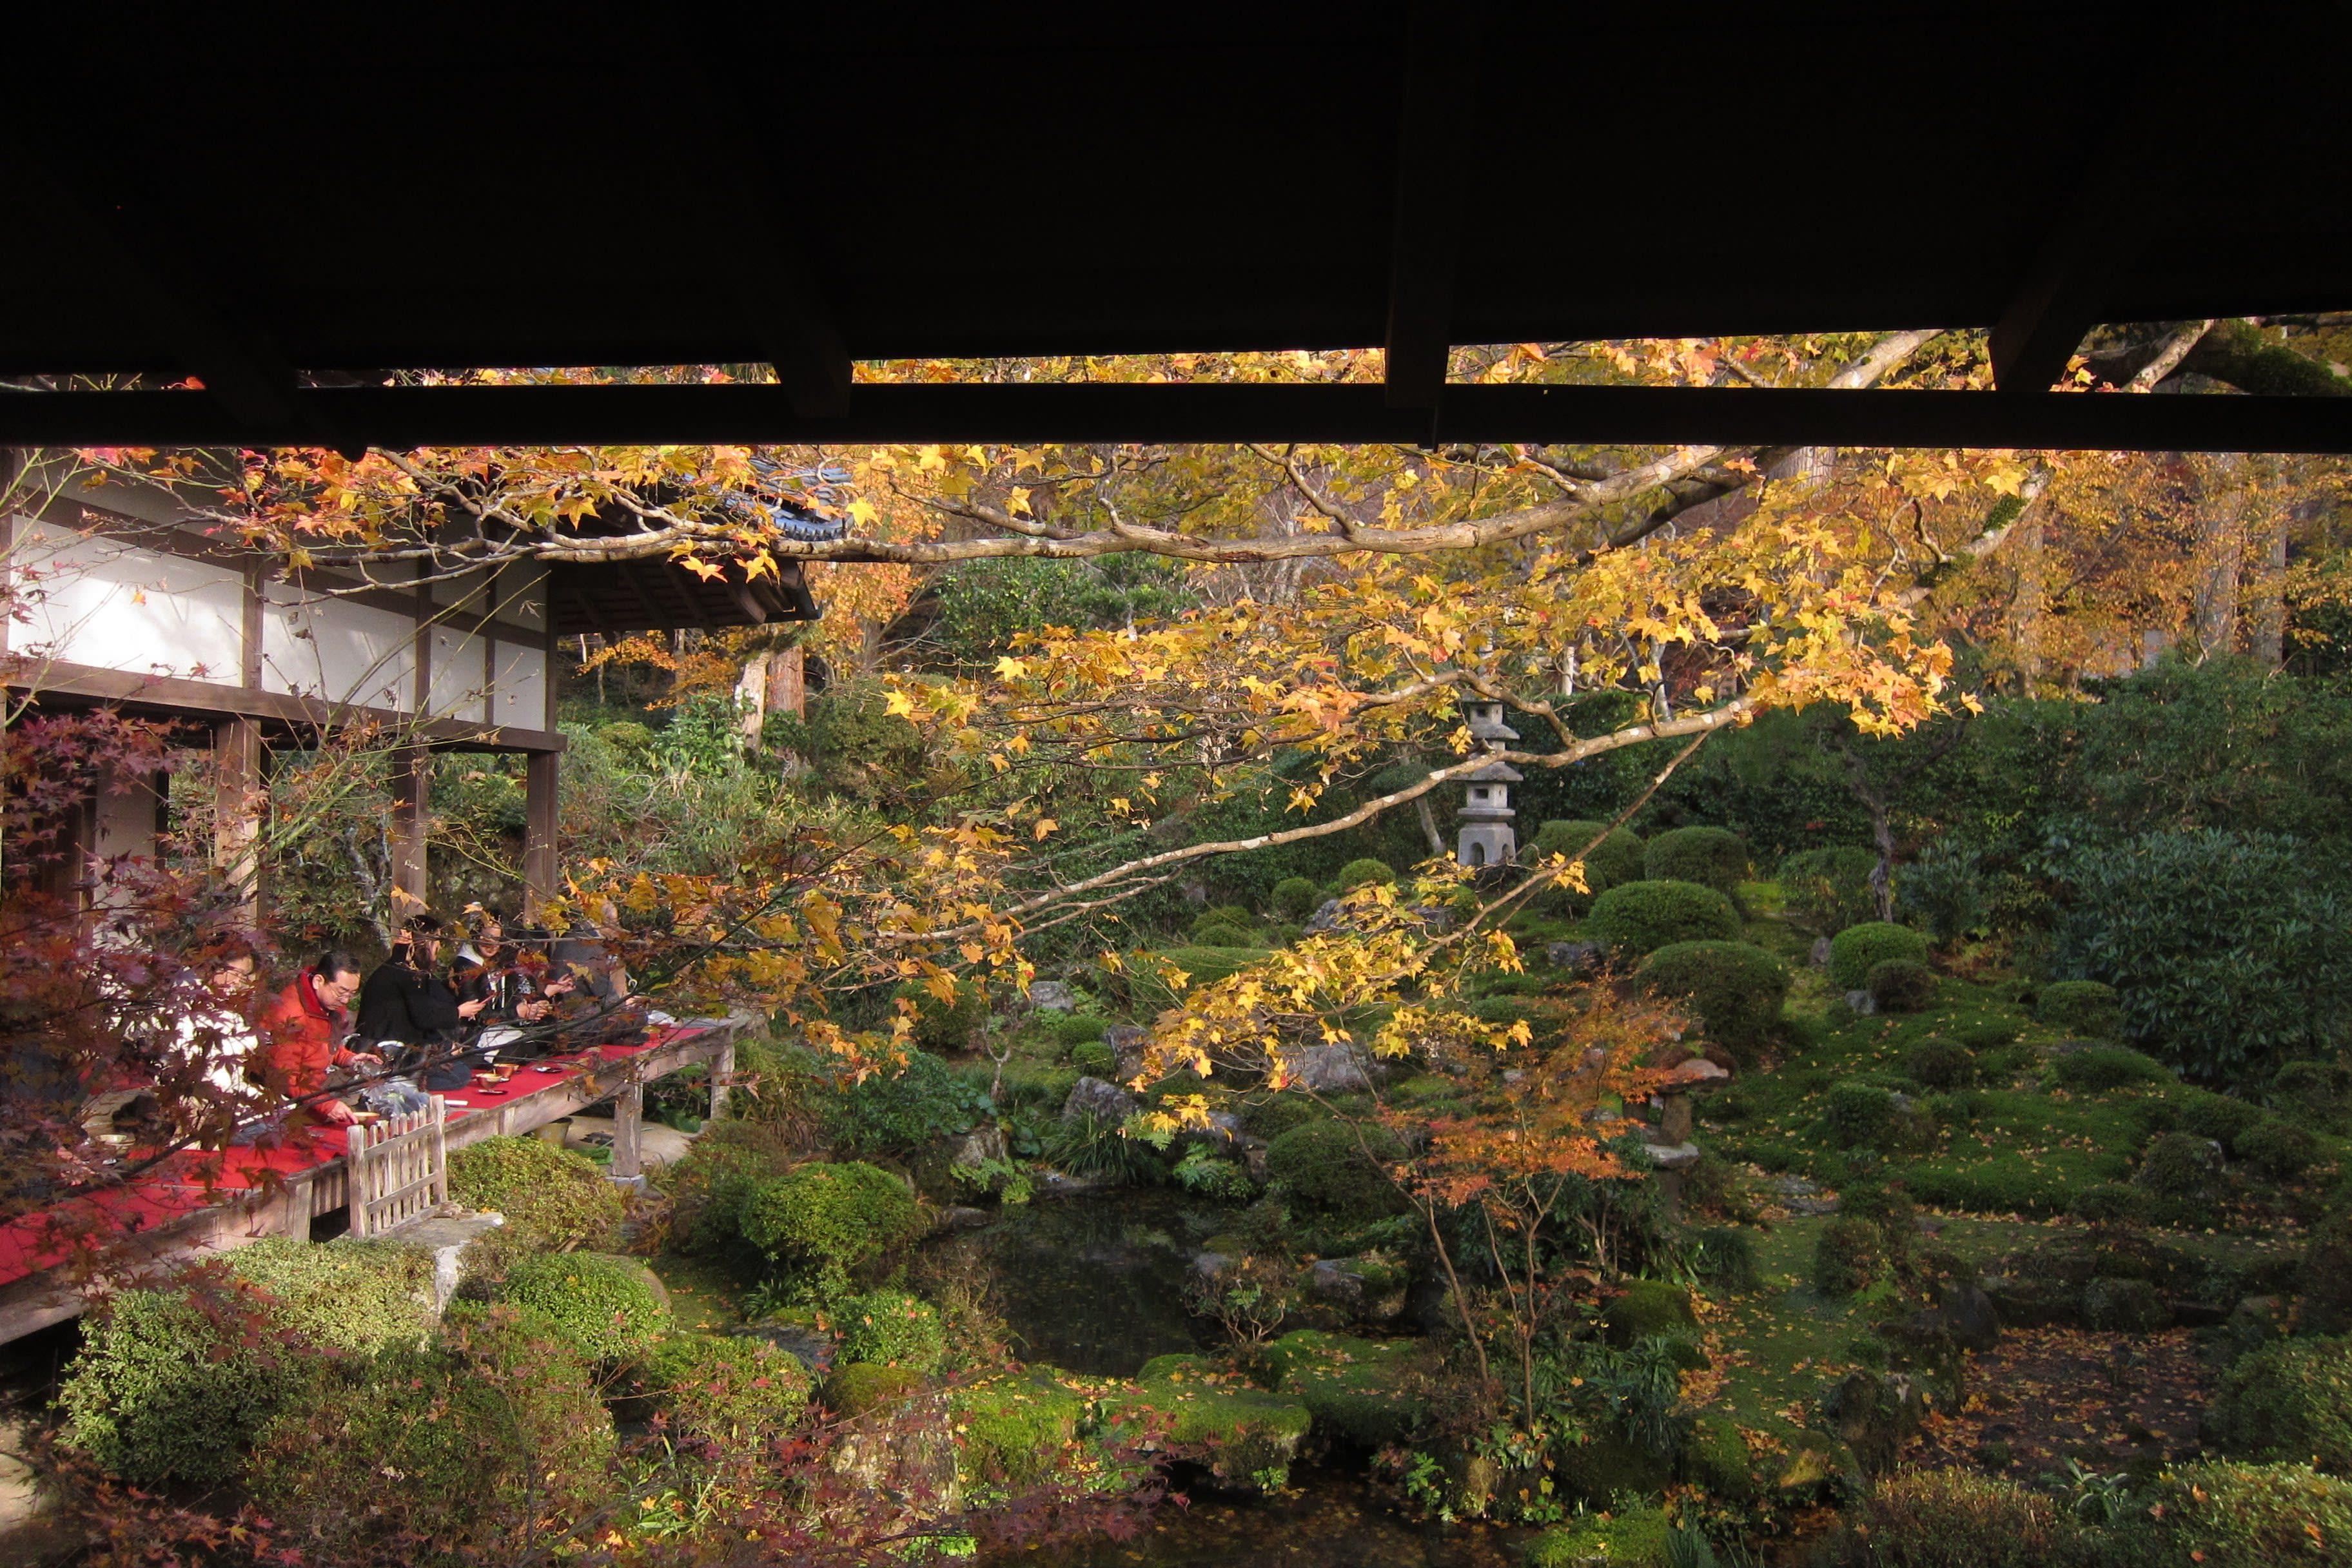 庭院裡綠、紅、黃三種顏色交錯